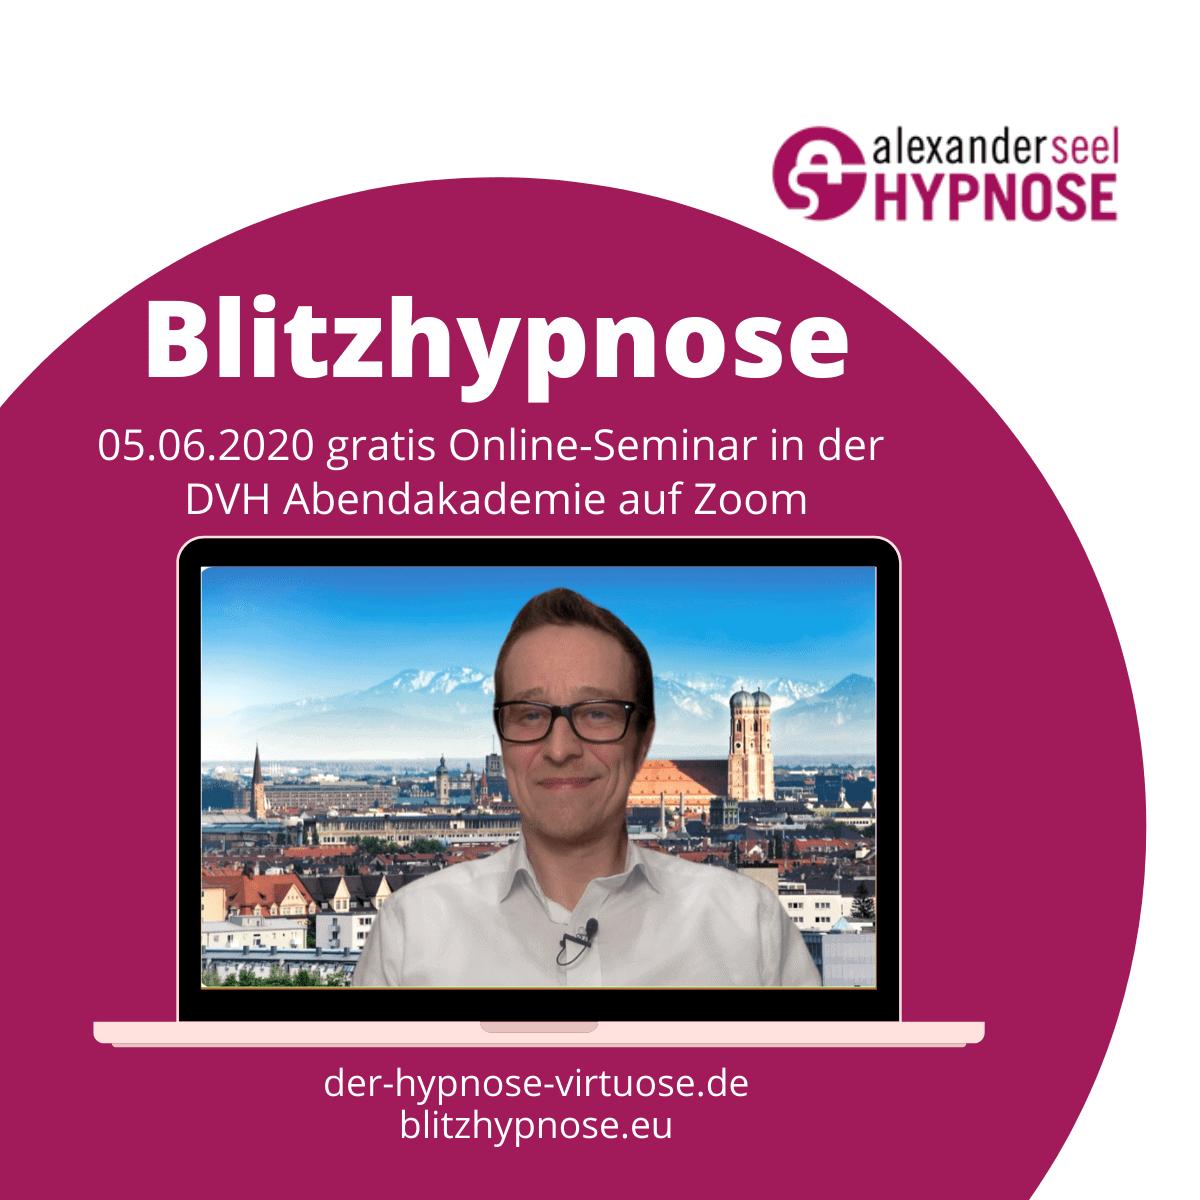 Blitzhypnose Online Seminar kostenlos mit Alexander Seel